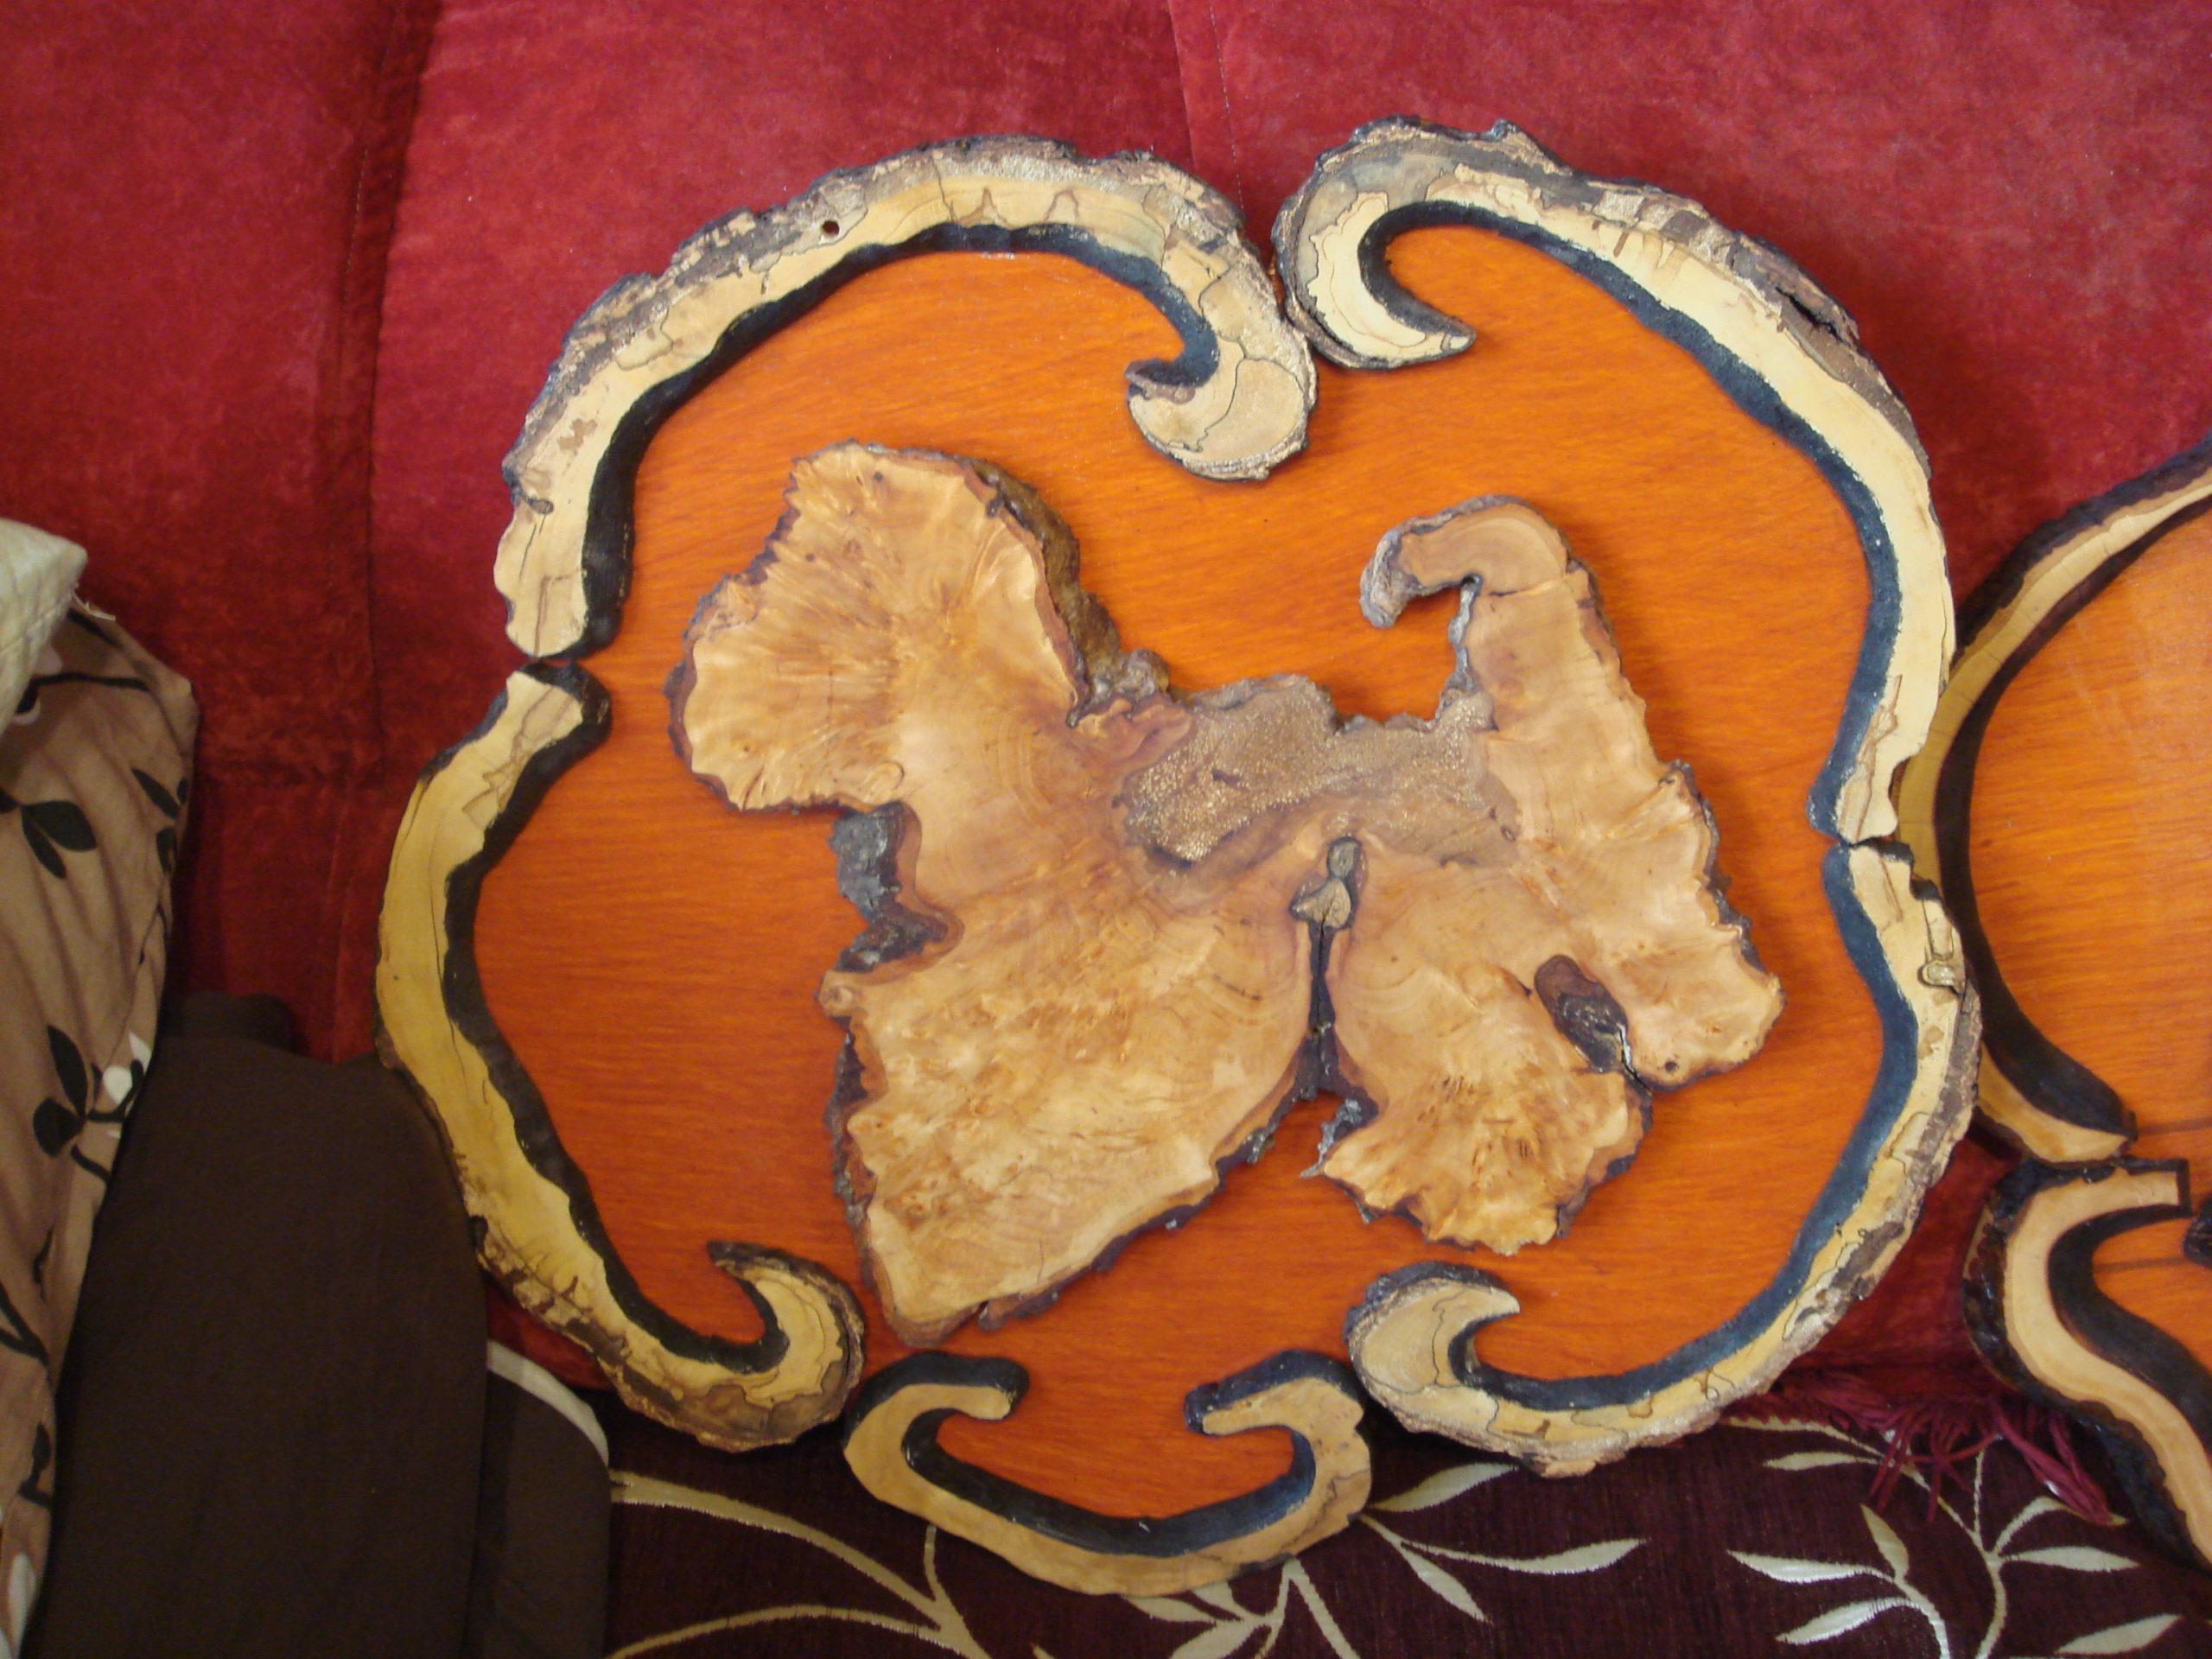 Картина картины из спилов дерева своими руками фото - собака